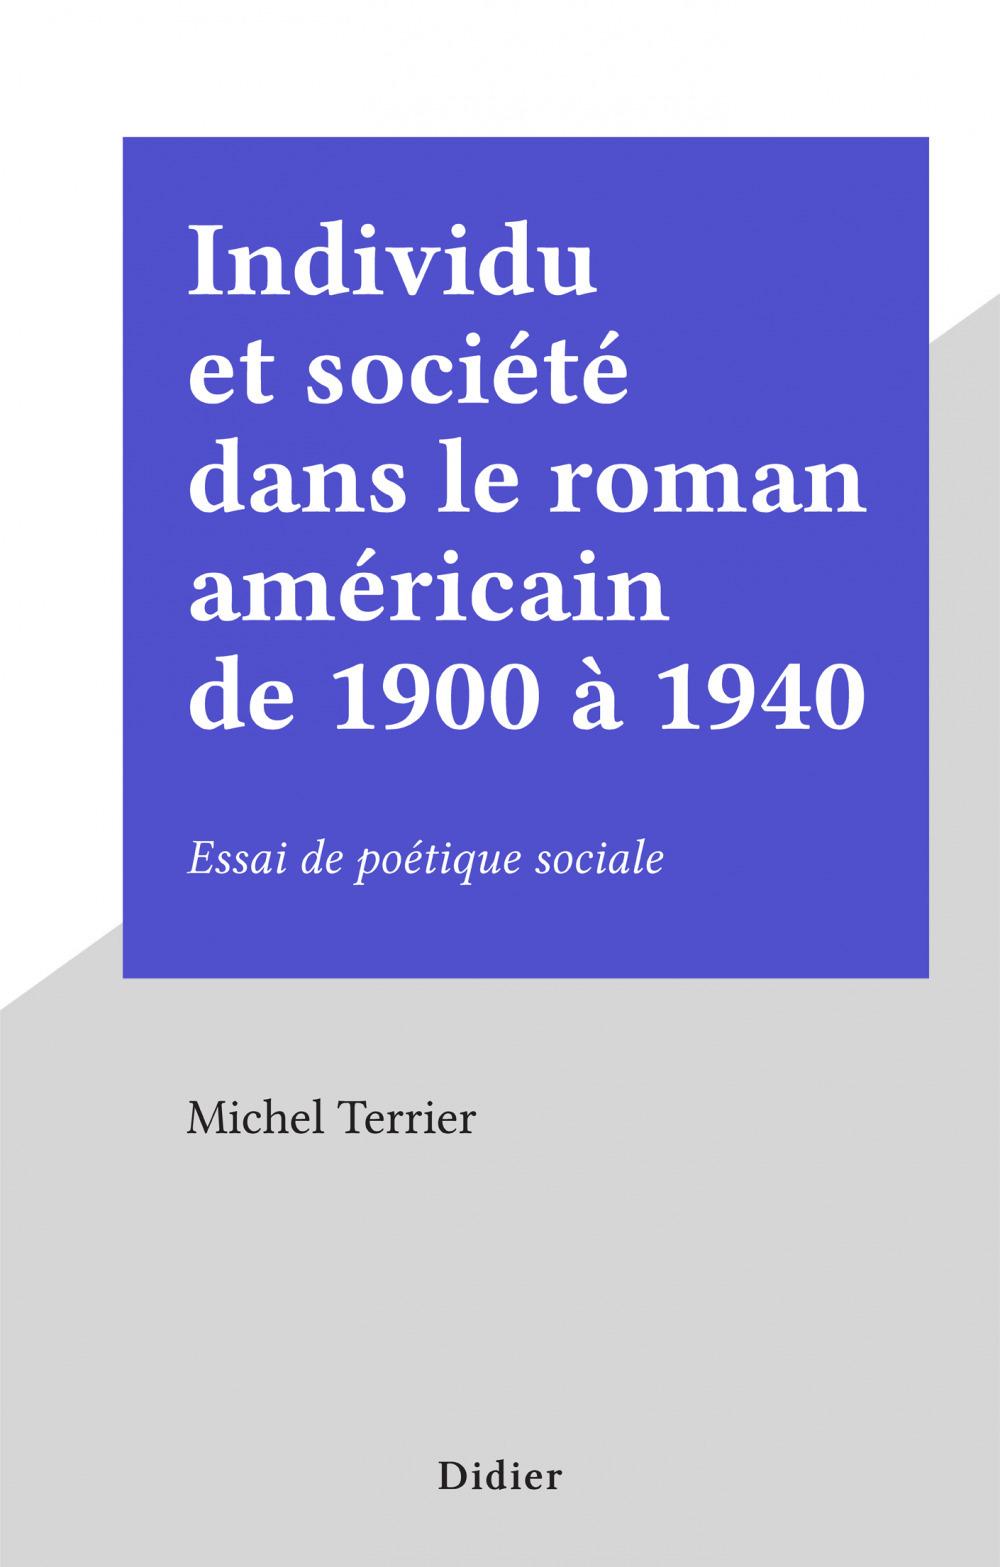 Individu et société dans le roman américain de 1900 à 1940